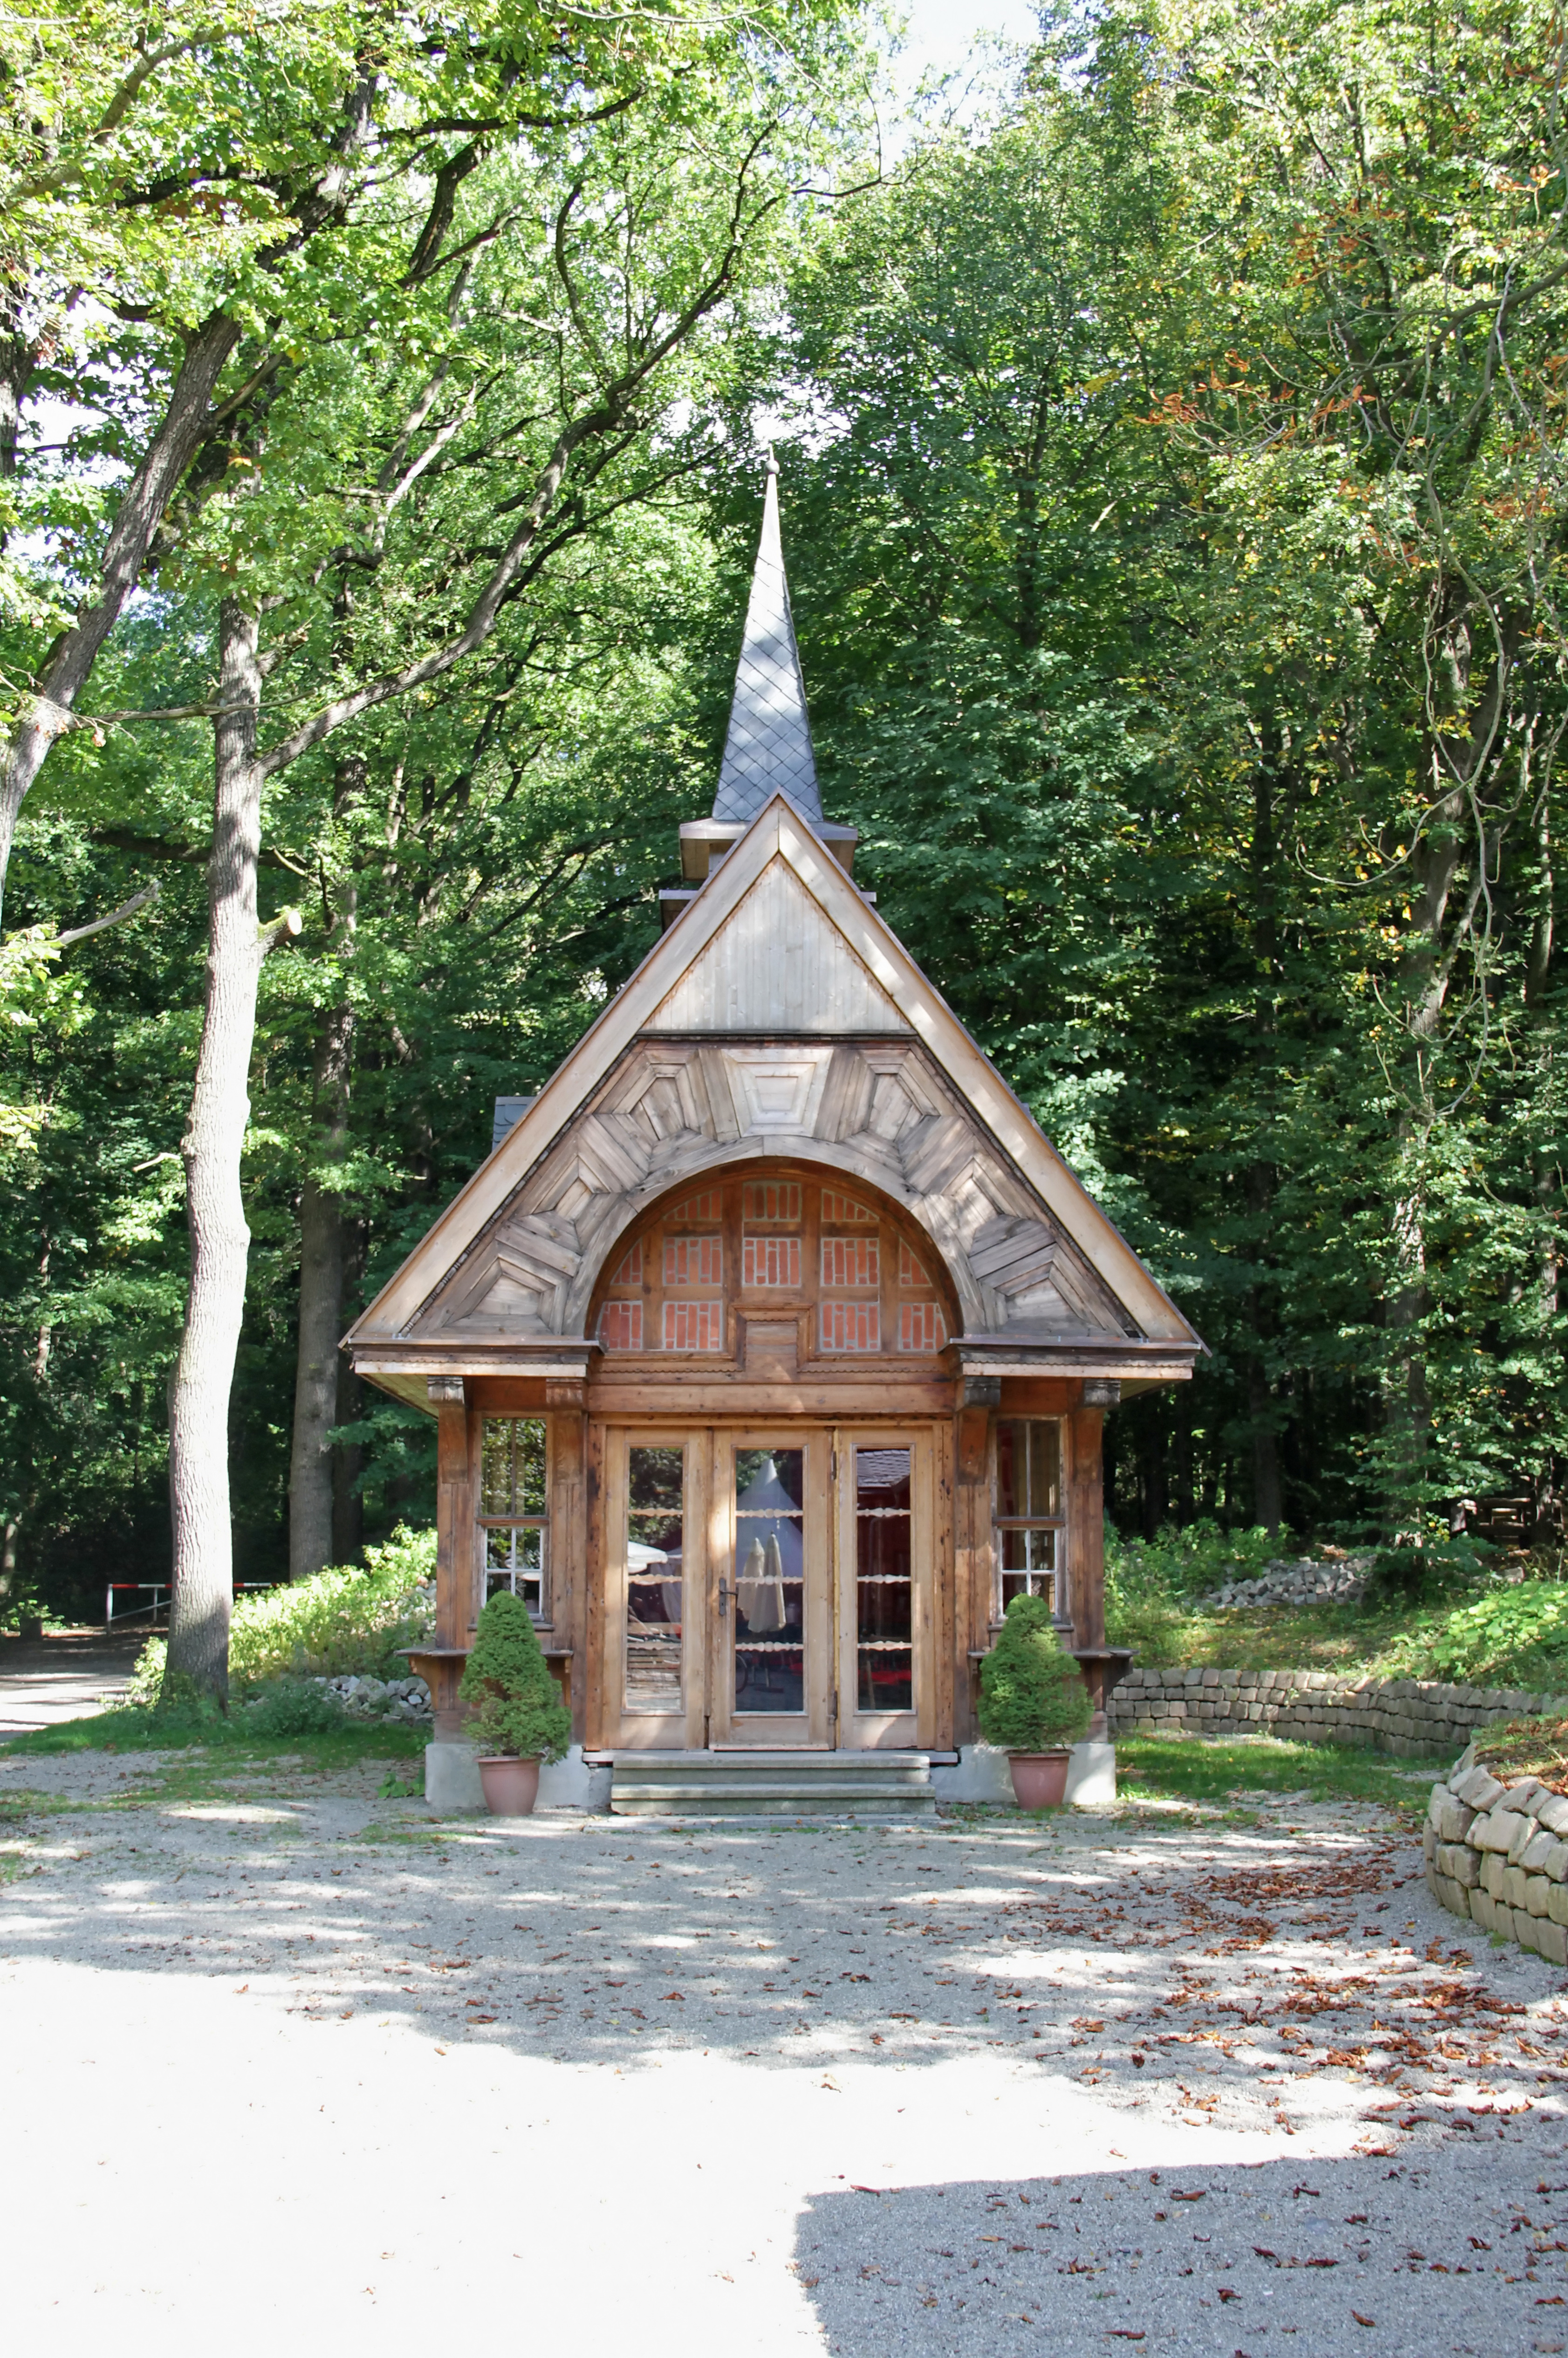 File:Zeisigwald Zeisigwalschänke Kapelle LvT.JPG - Wikimedia Commons